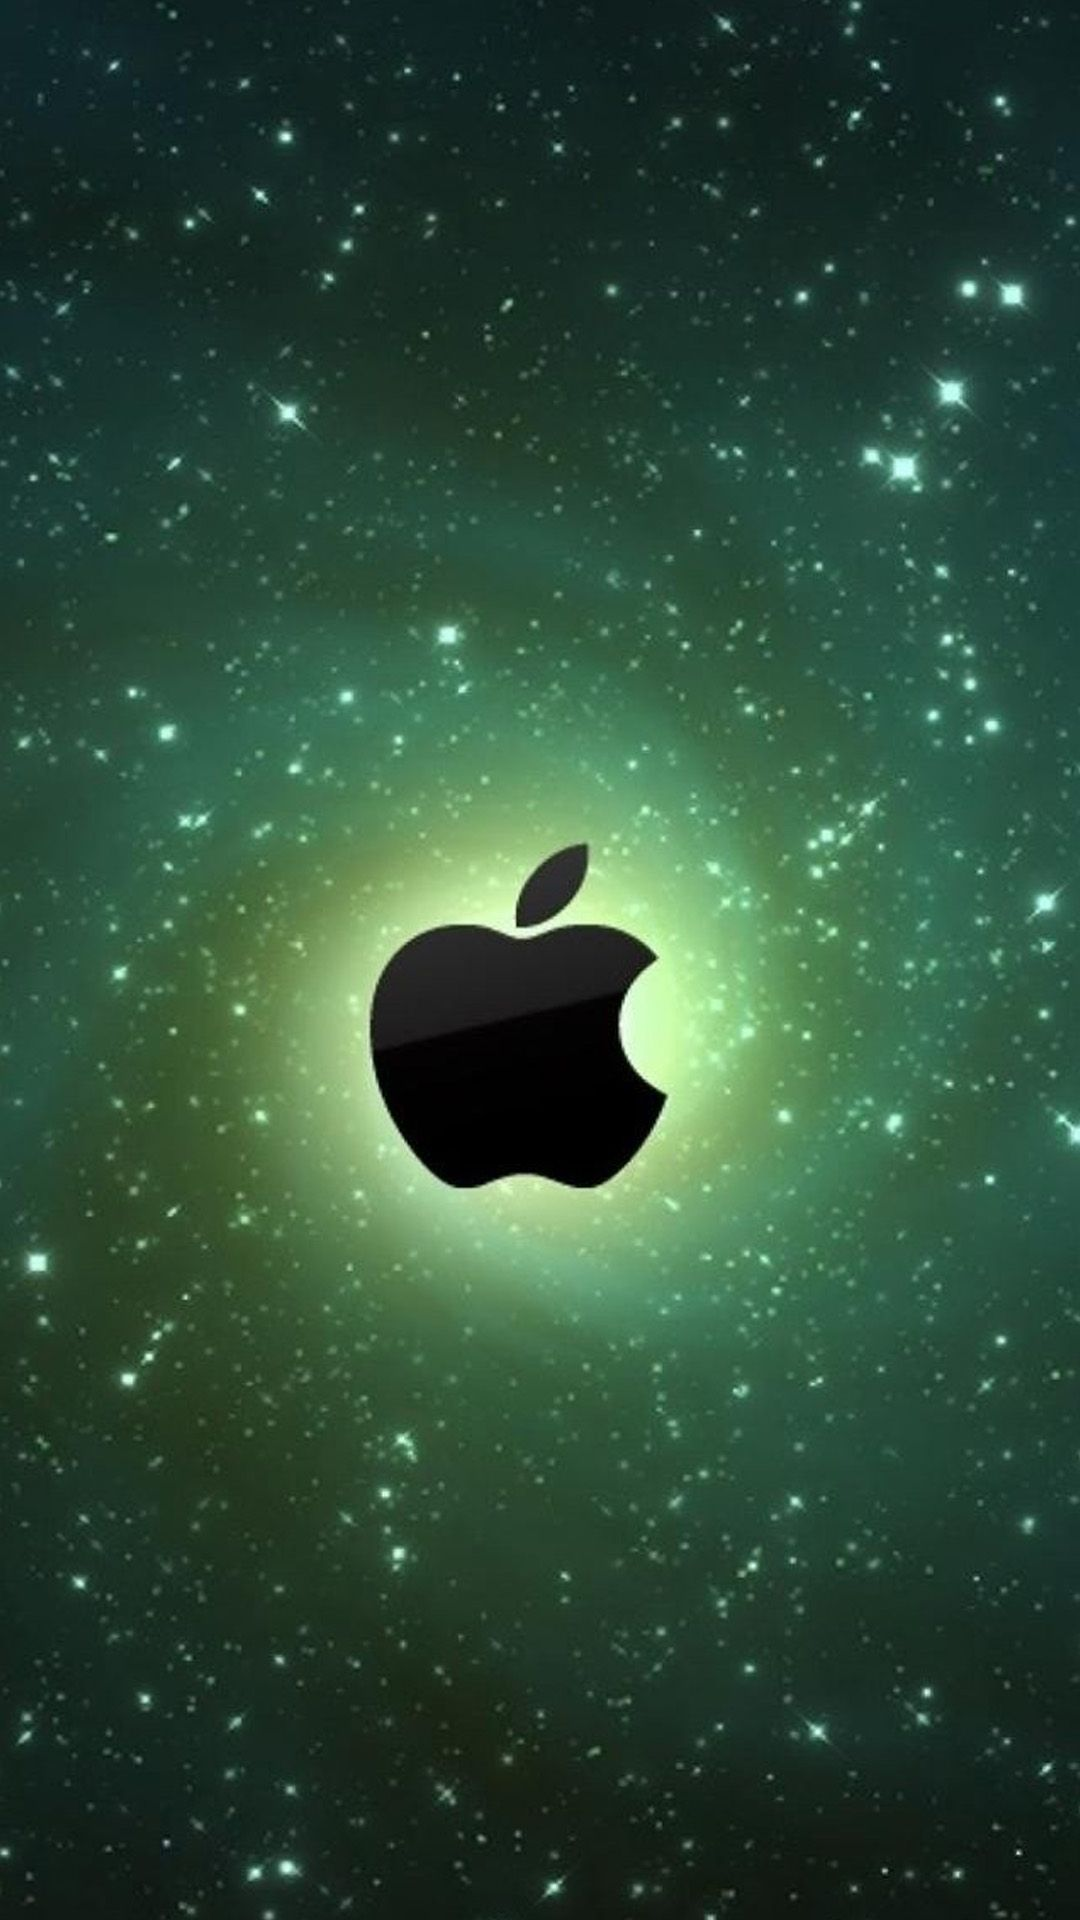 apple logoの壁紙 | apple fever! | pinterest | apples, apple